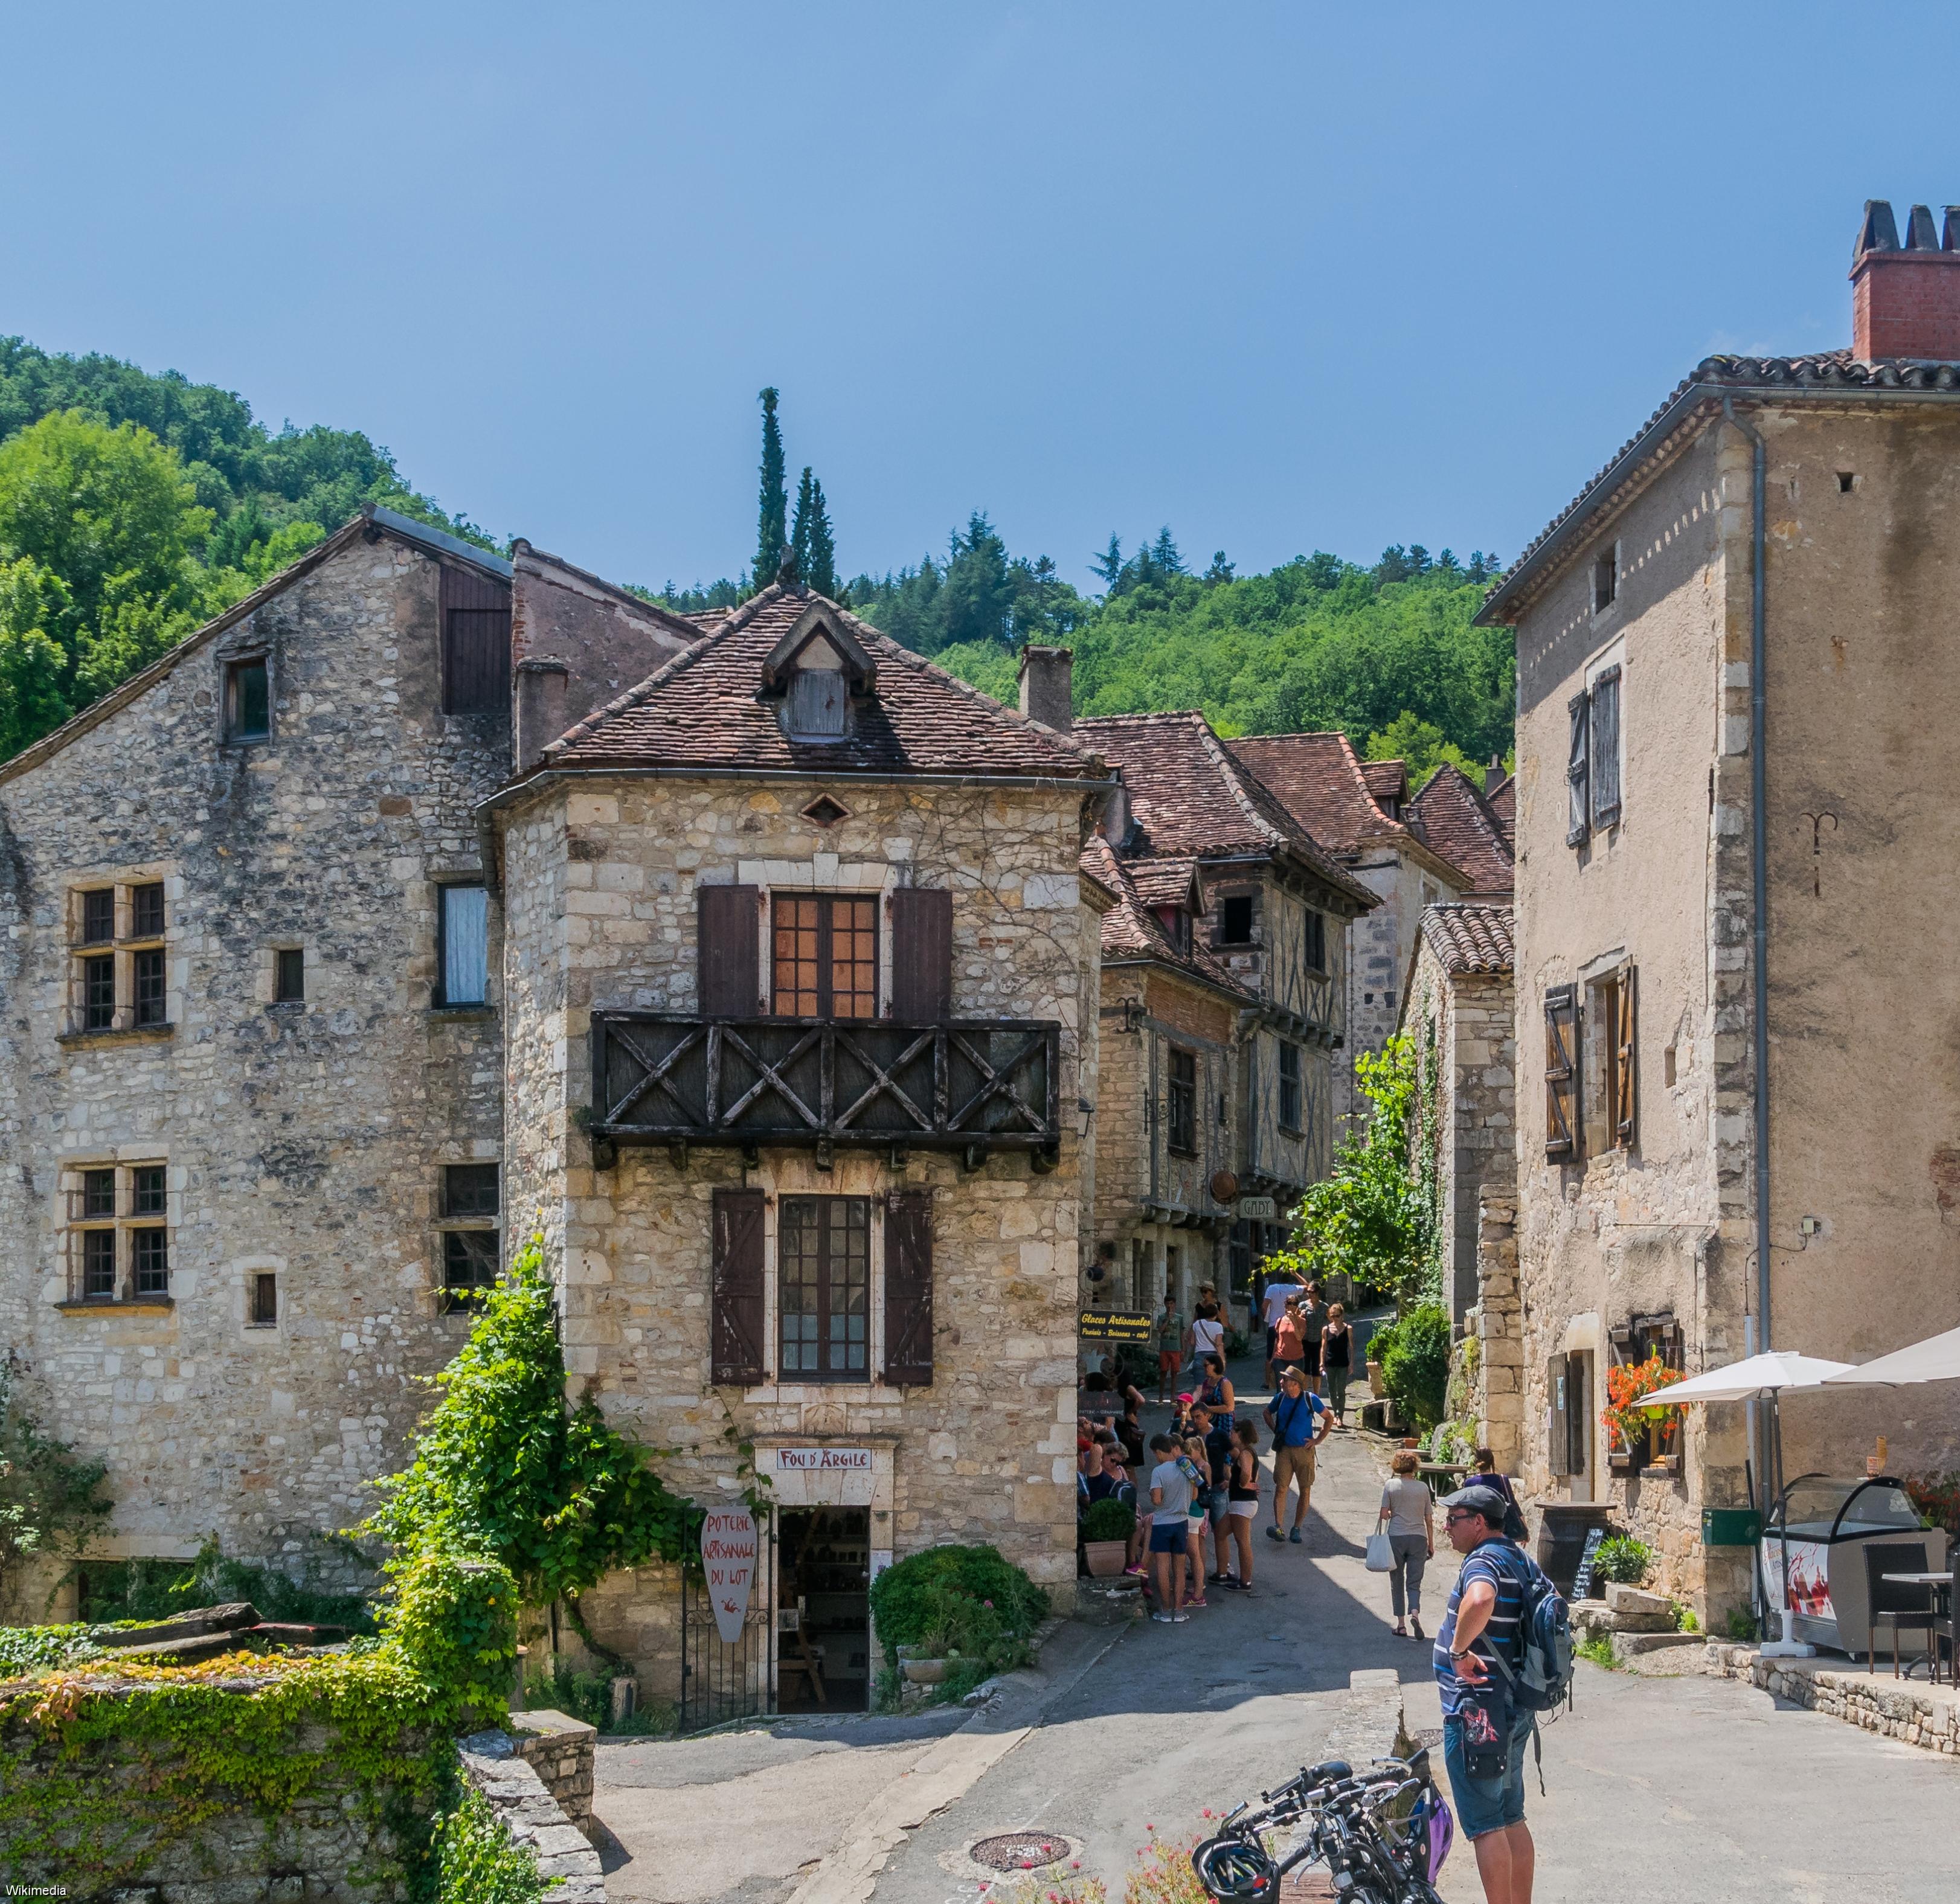 Visiter Saint-Cirq-Lapopie